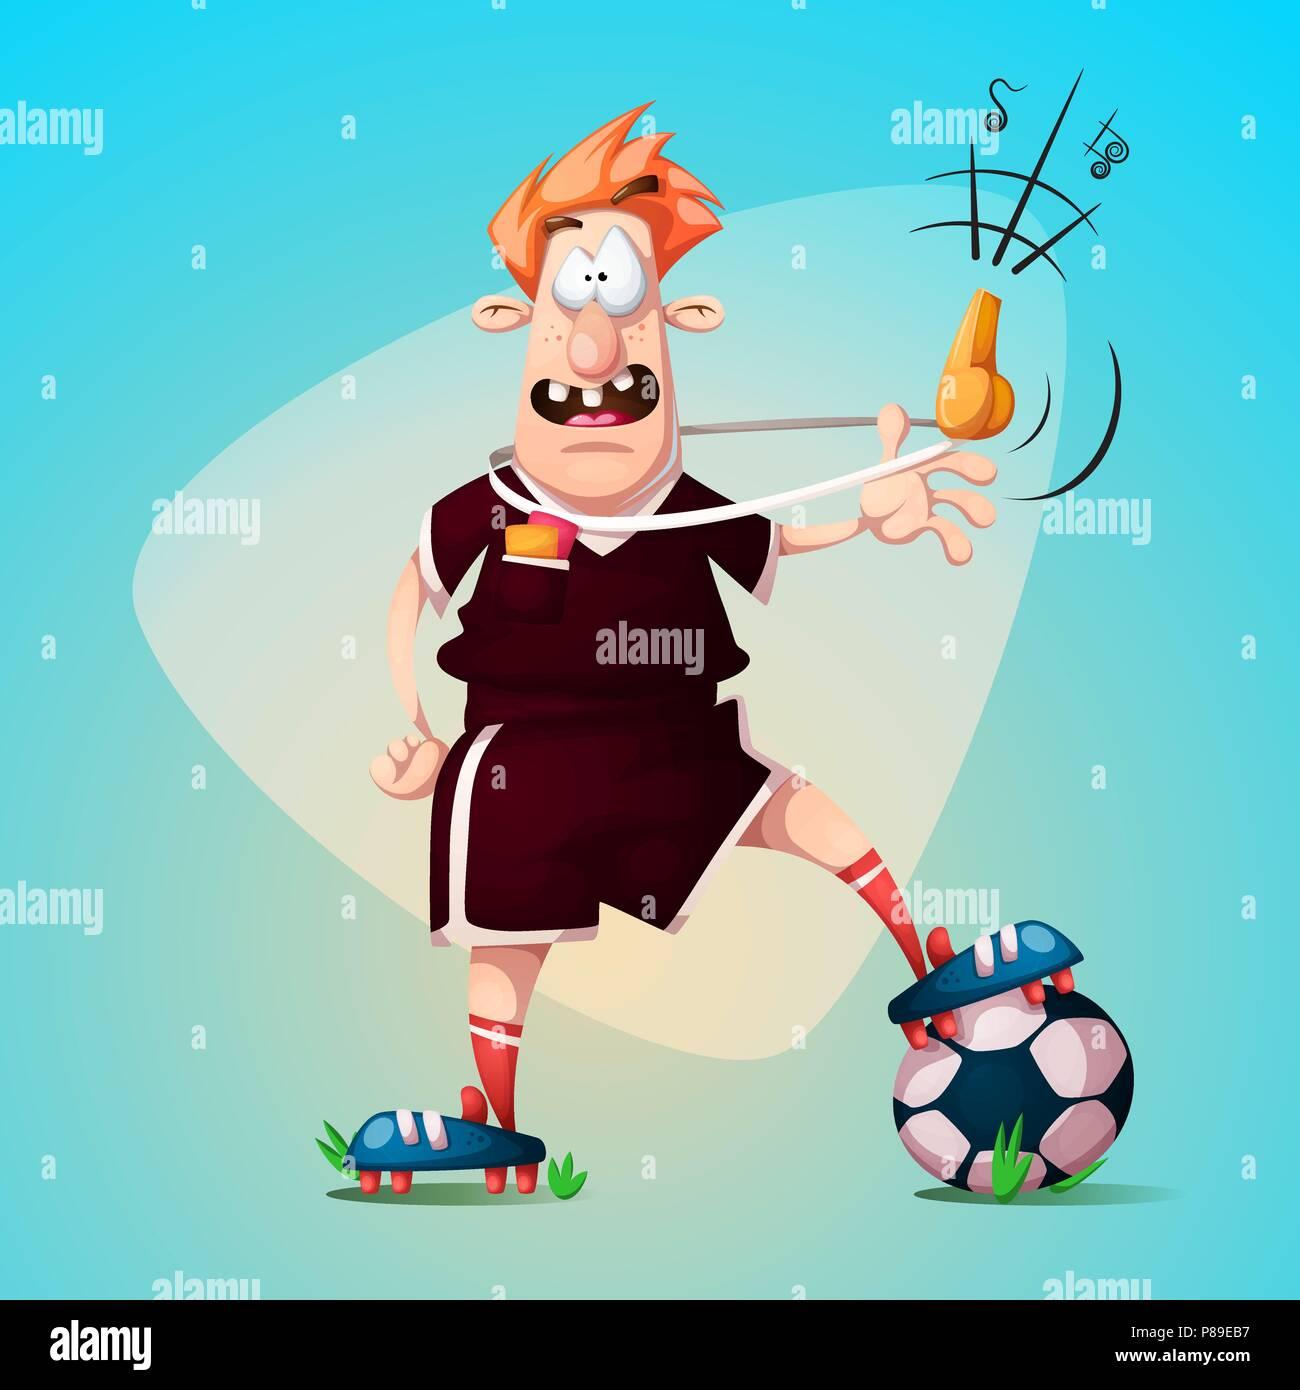 Lustig Niedlich Cartoon Fussball Schiedsrichter Vektor